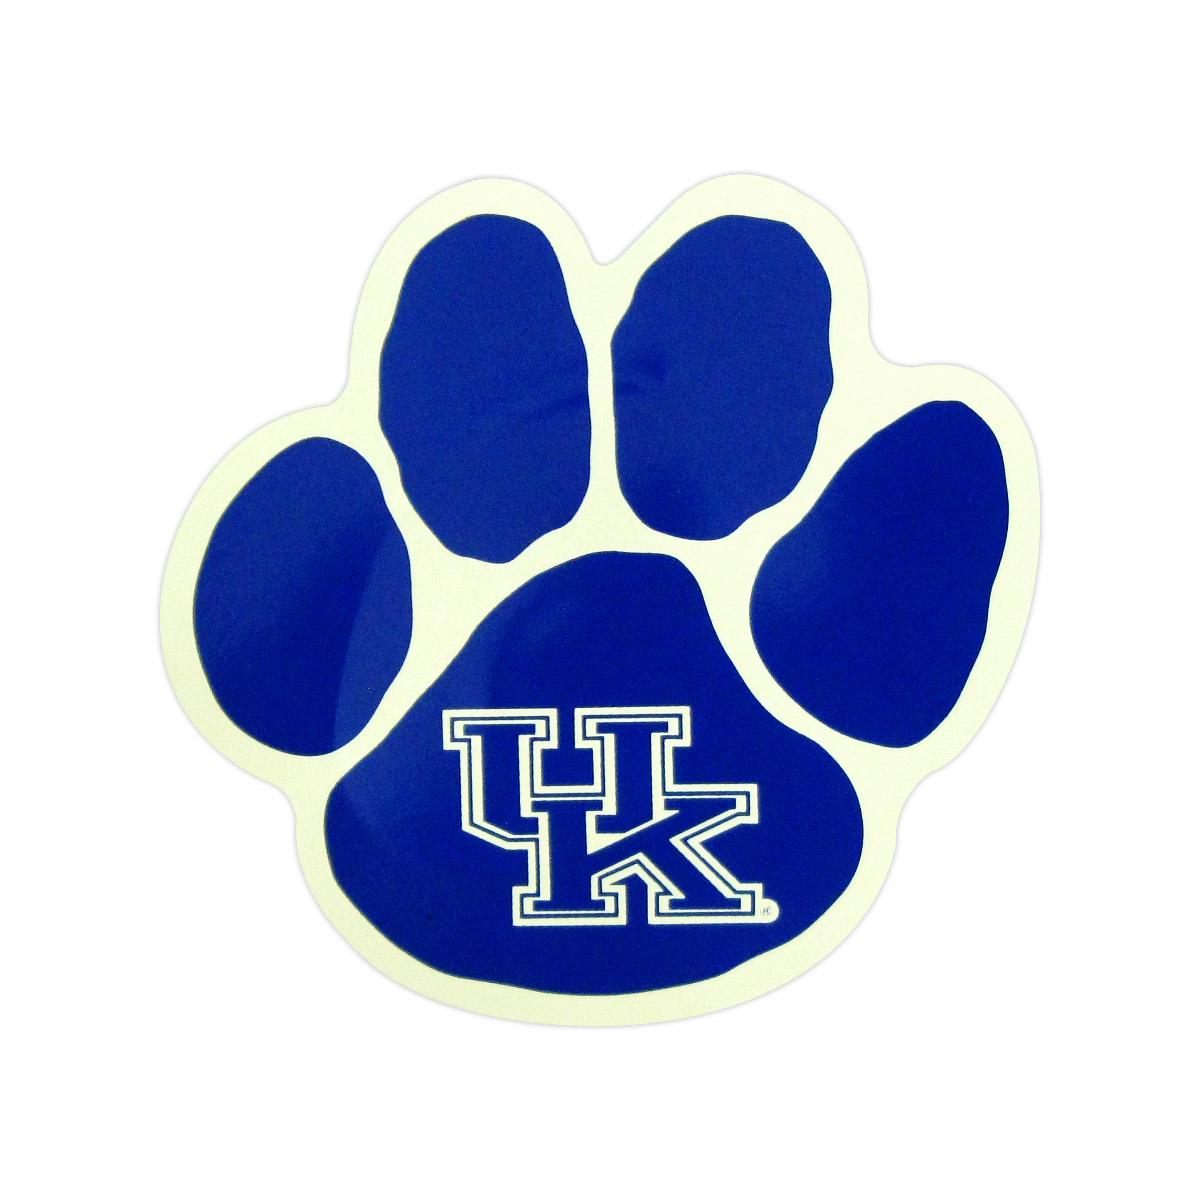 Kentucky wildcats basketball clipart.